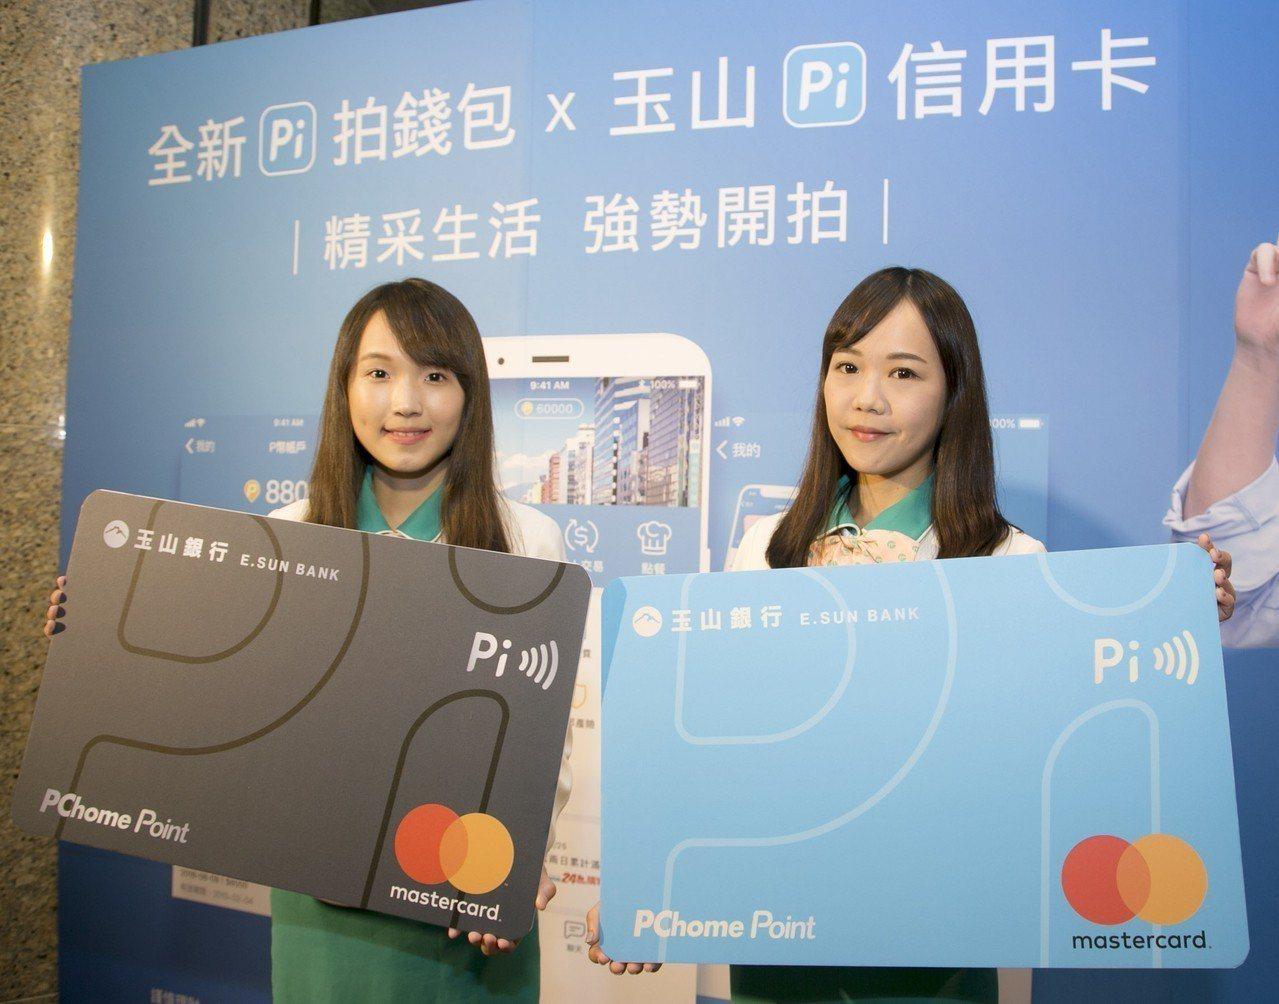 玉山銀行與Pi合作發行「玉山Pi拍錢包信用」。圖/玉山銀提供